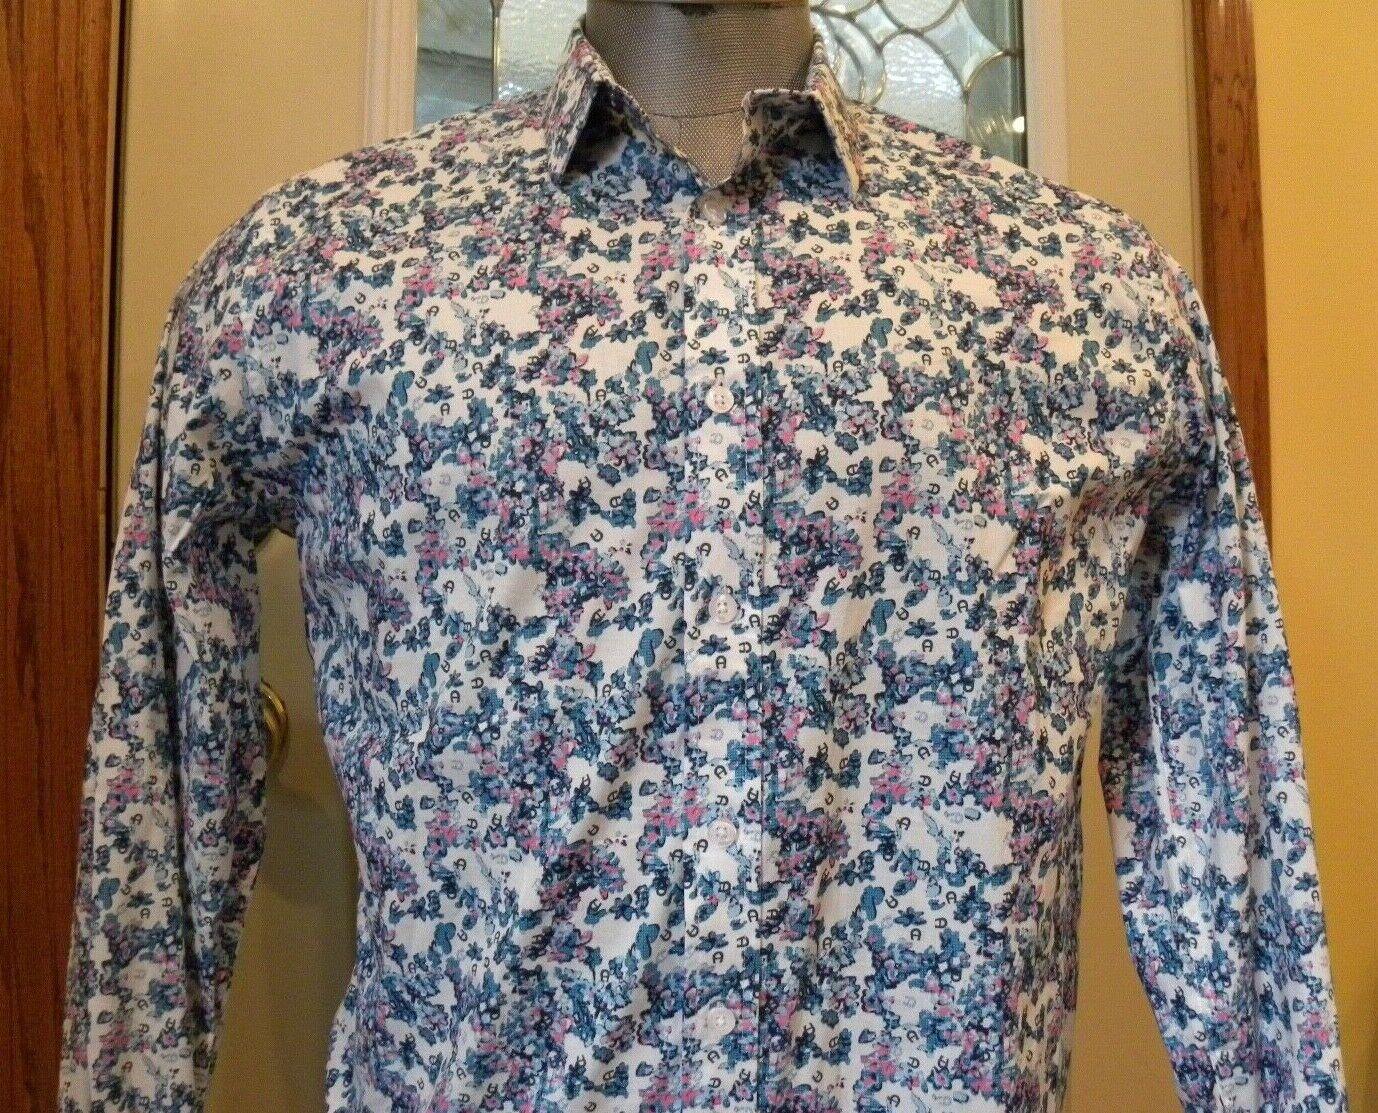 Duchamp L S Abotonado Azul blancoo Floral Con Cierre  Magnético Brazalete Calce Ajustado Camisa para hombre Sz16 L-42  ventas en linea